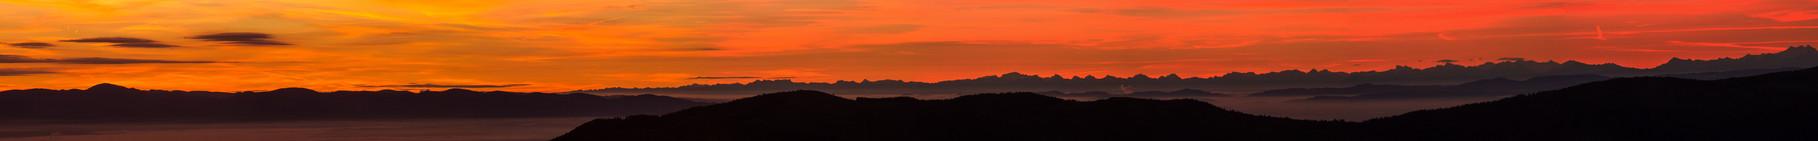 Samedi  18 octobre 2014  Les Alpes au lever du jour depuis le Hohneck (Hautes Vosges)